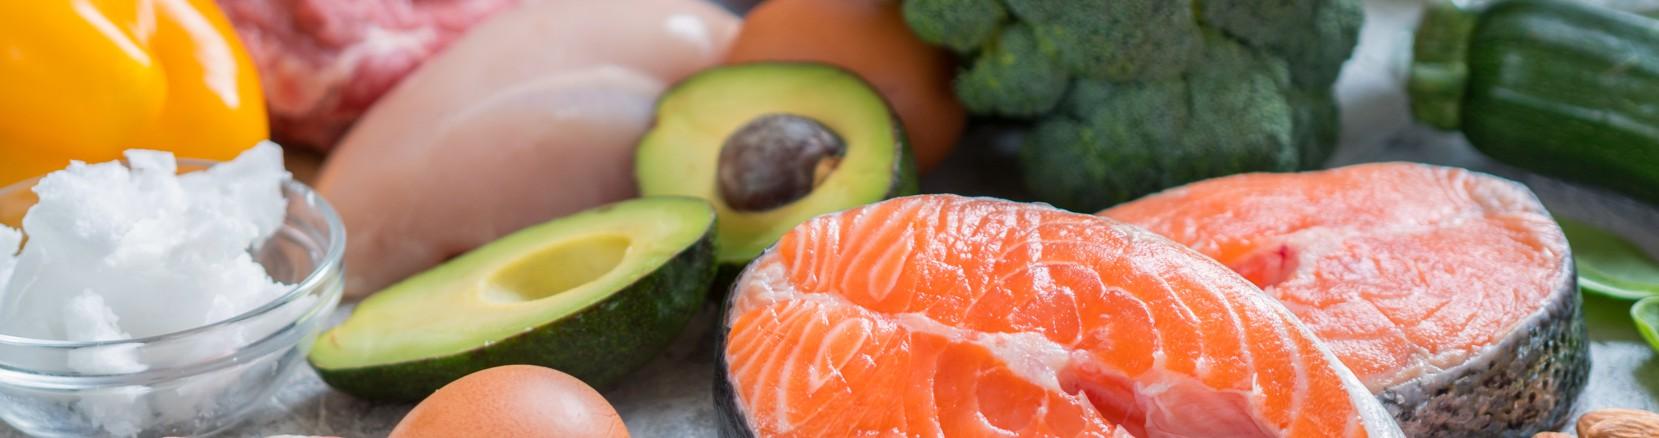 Kinesiología aplicada a la nutrición